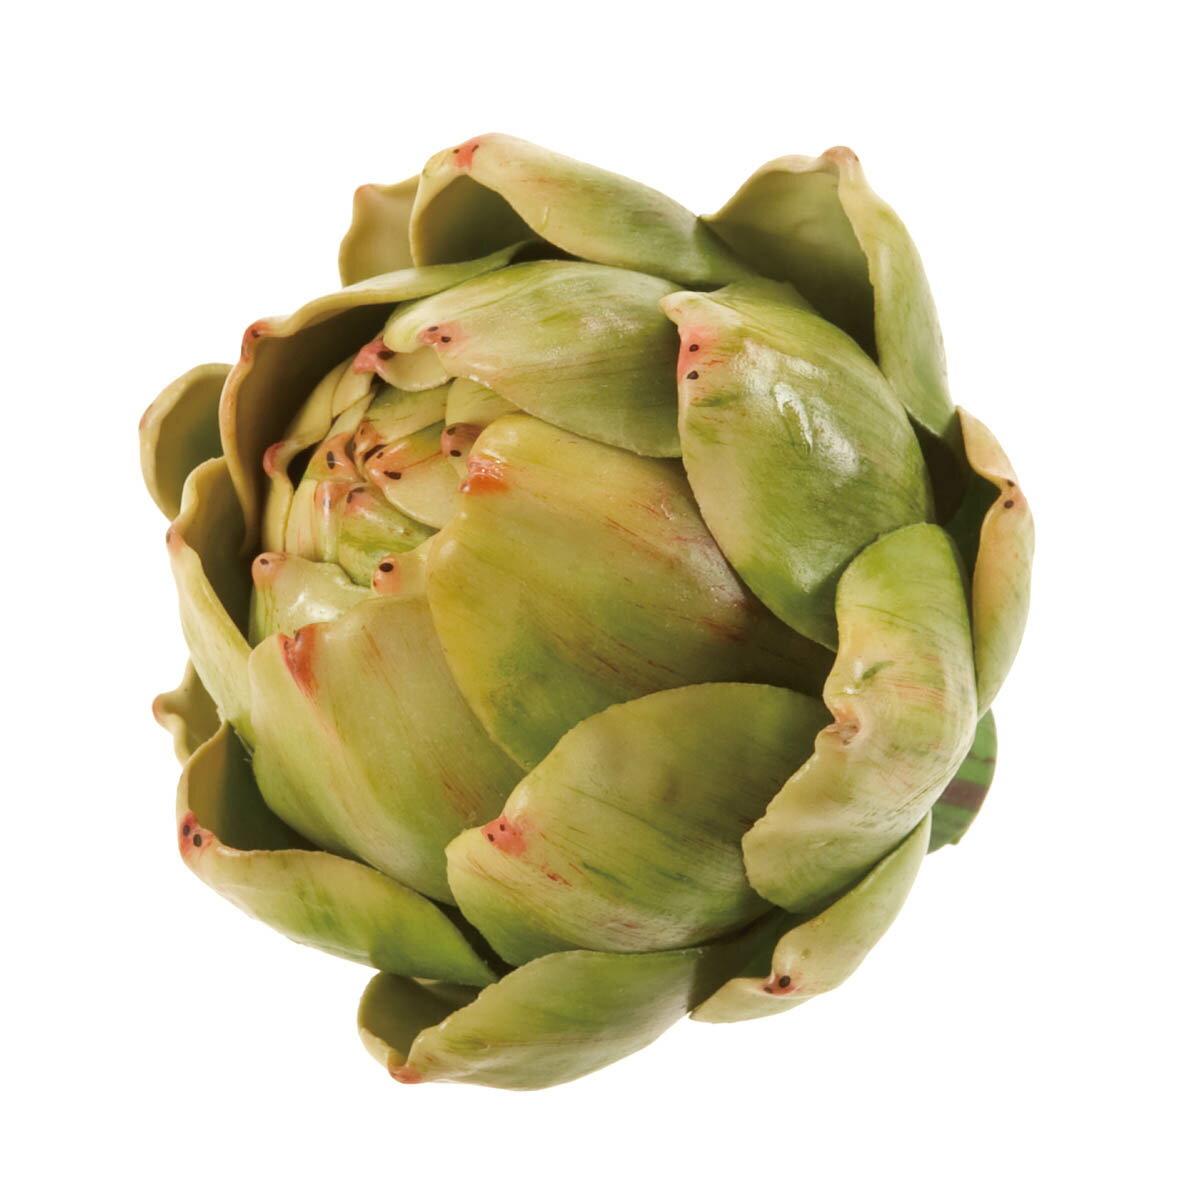 【造花】デコラアーティチョーク M グリーン/FV003188【01】【取寄】《 造花(アーティフィシャルフラワー) 造花実物、フェイクフルーツ フルーツ、ベジタブル 》